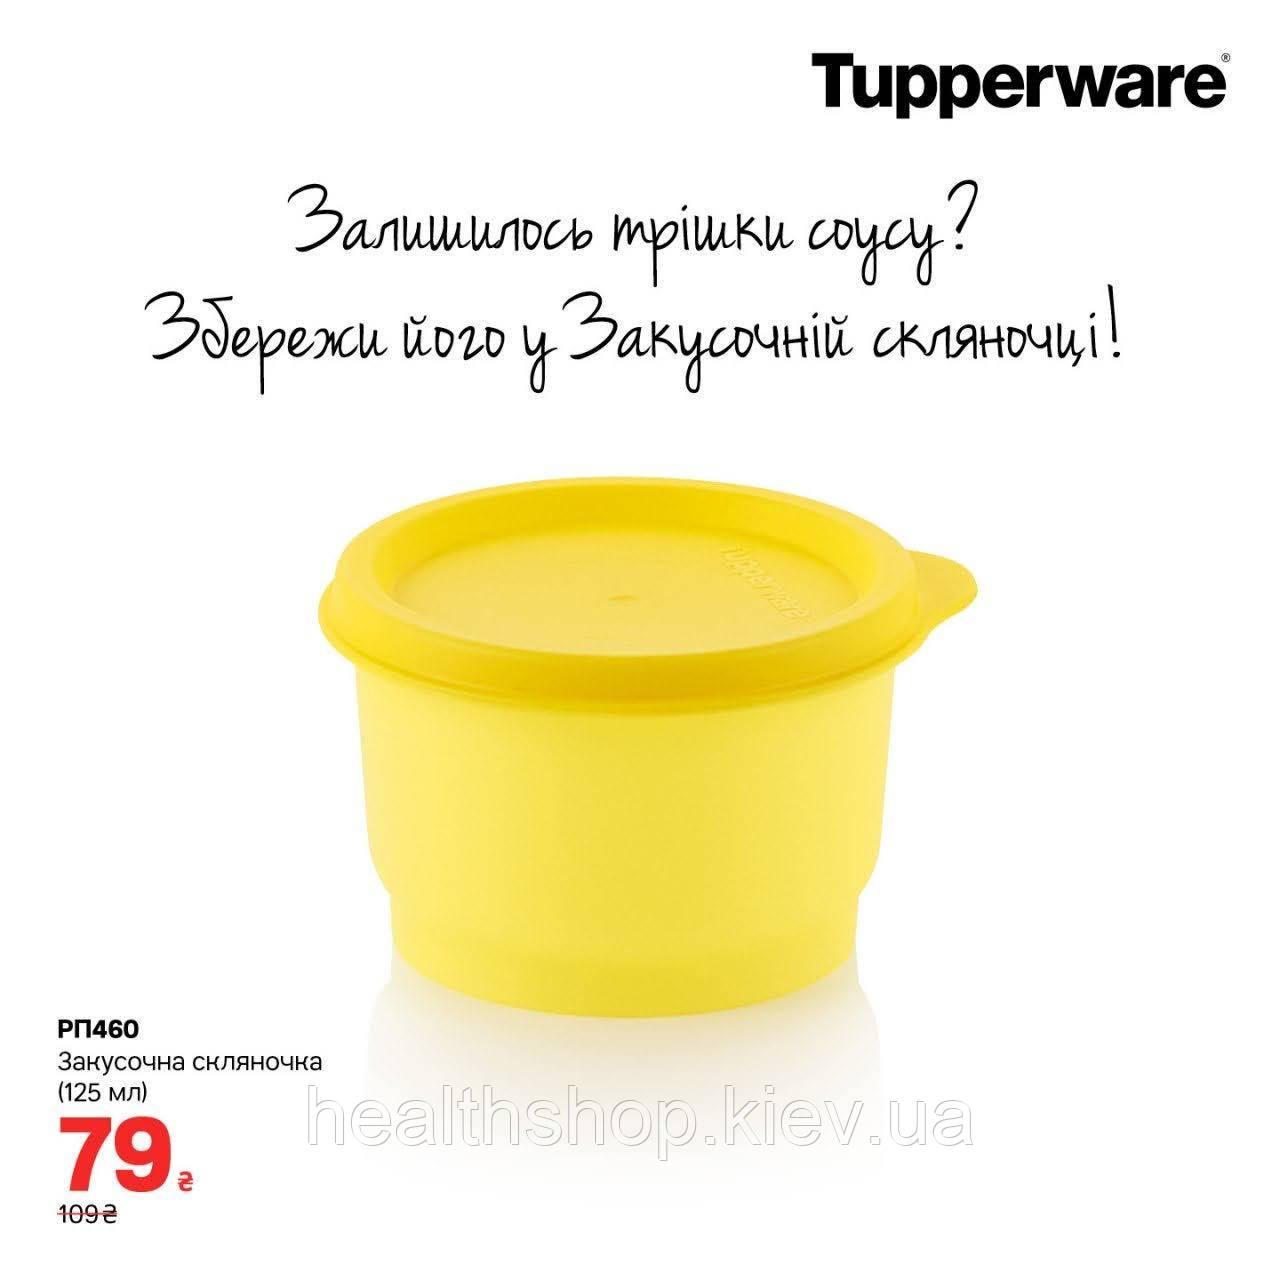 Закусочный стаканчик 125  мл Tupperware (Тапервер)